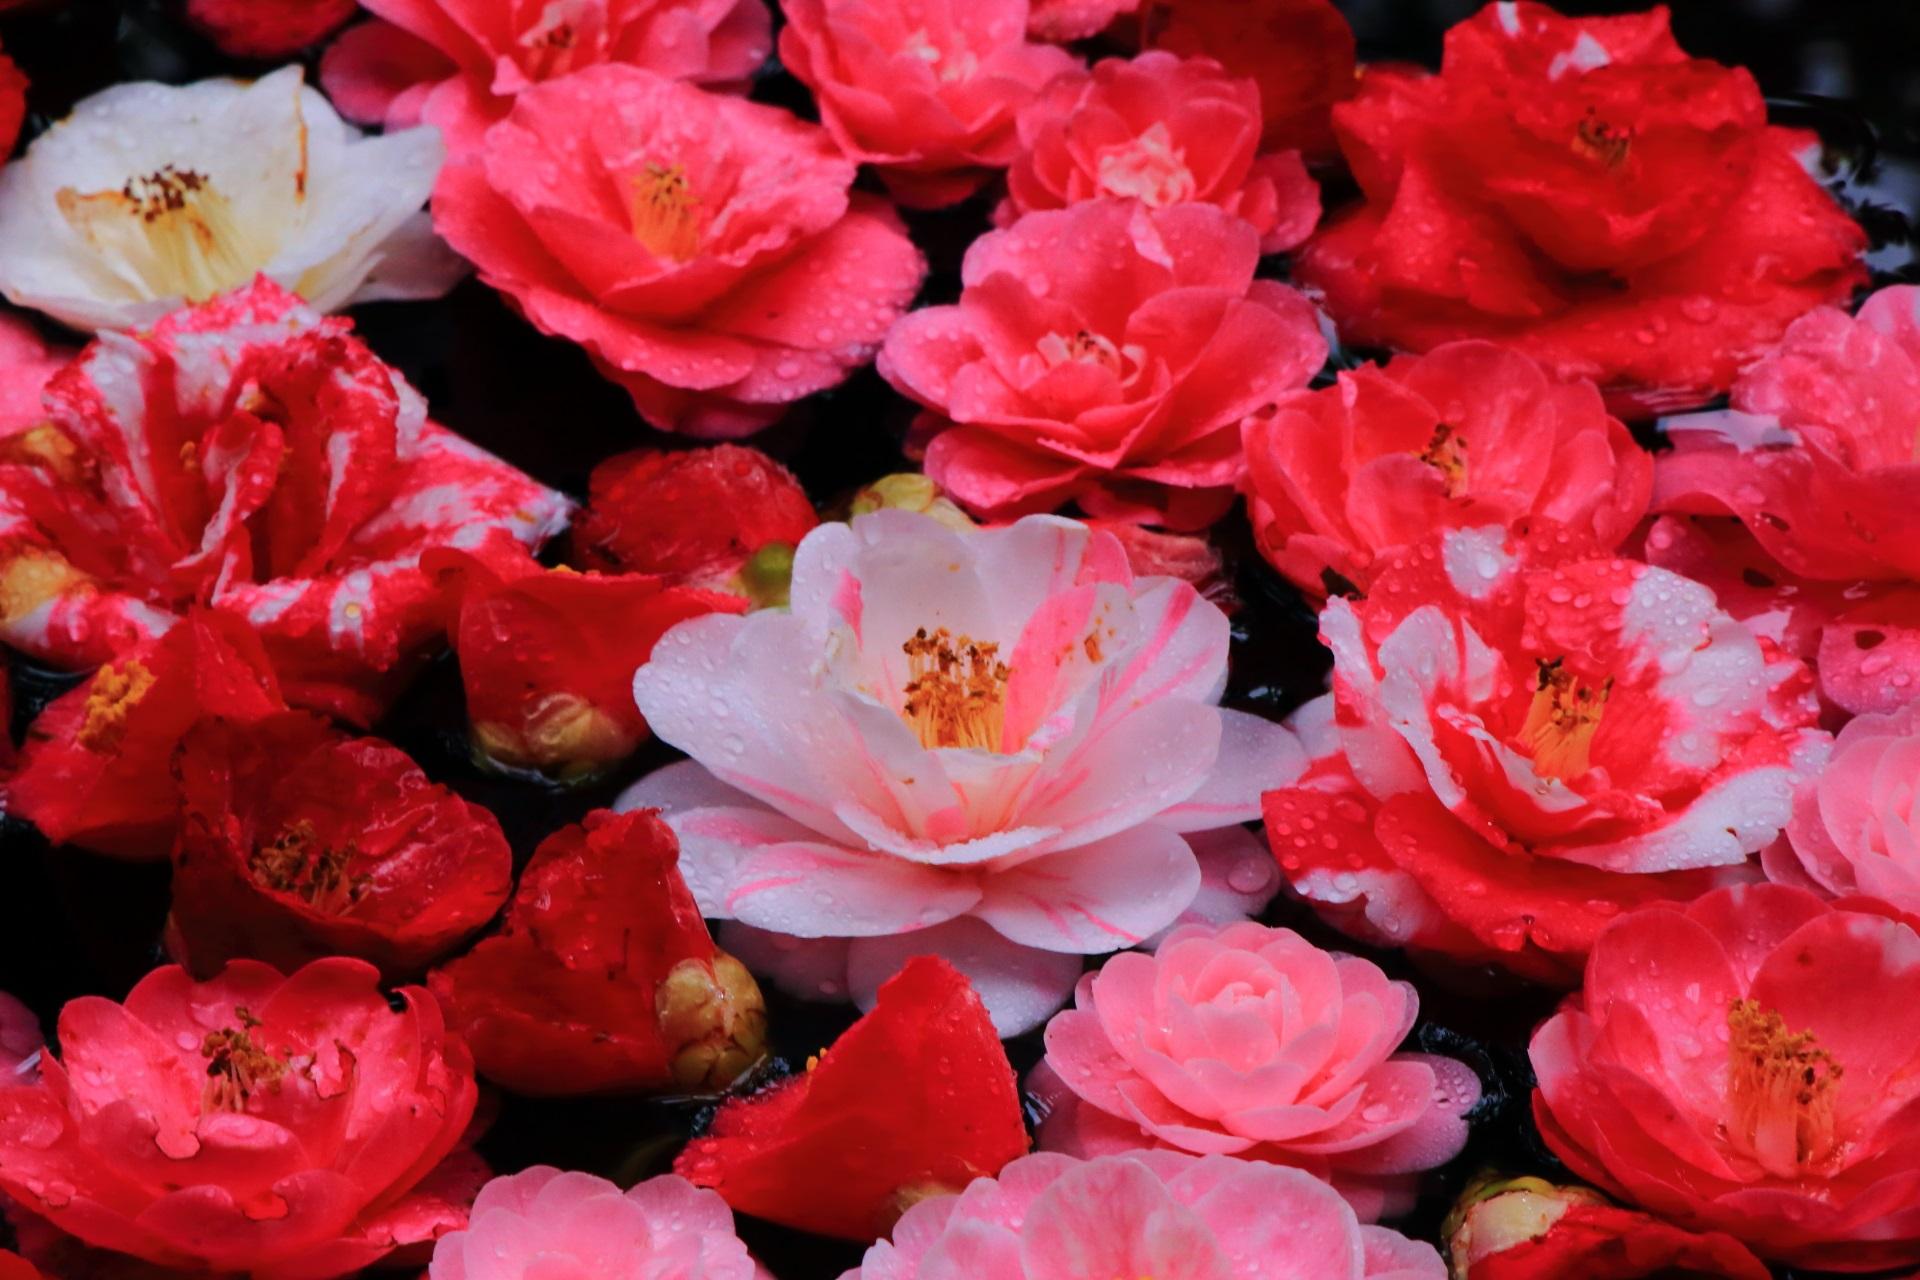 侘び錆びを兼ね備えた鮮やかな椿の彩り